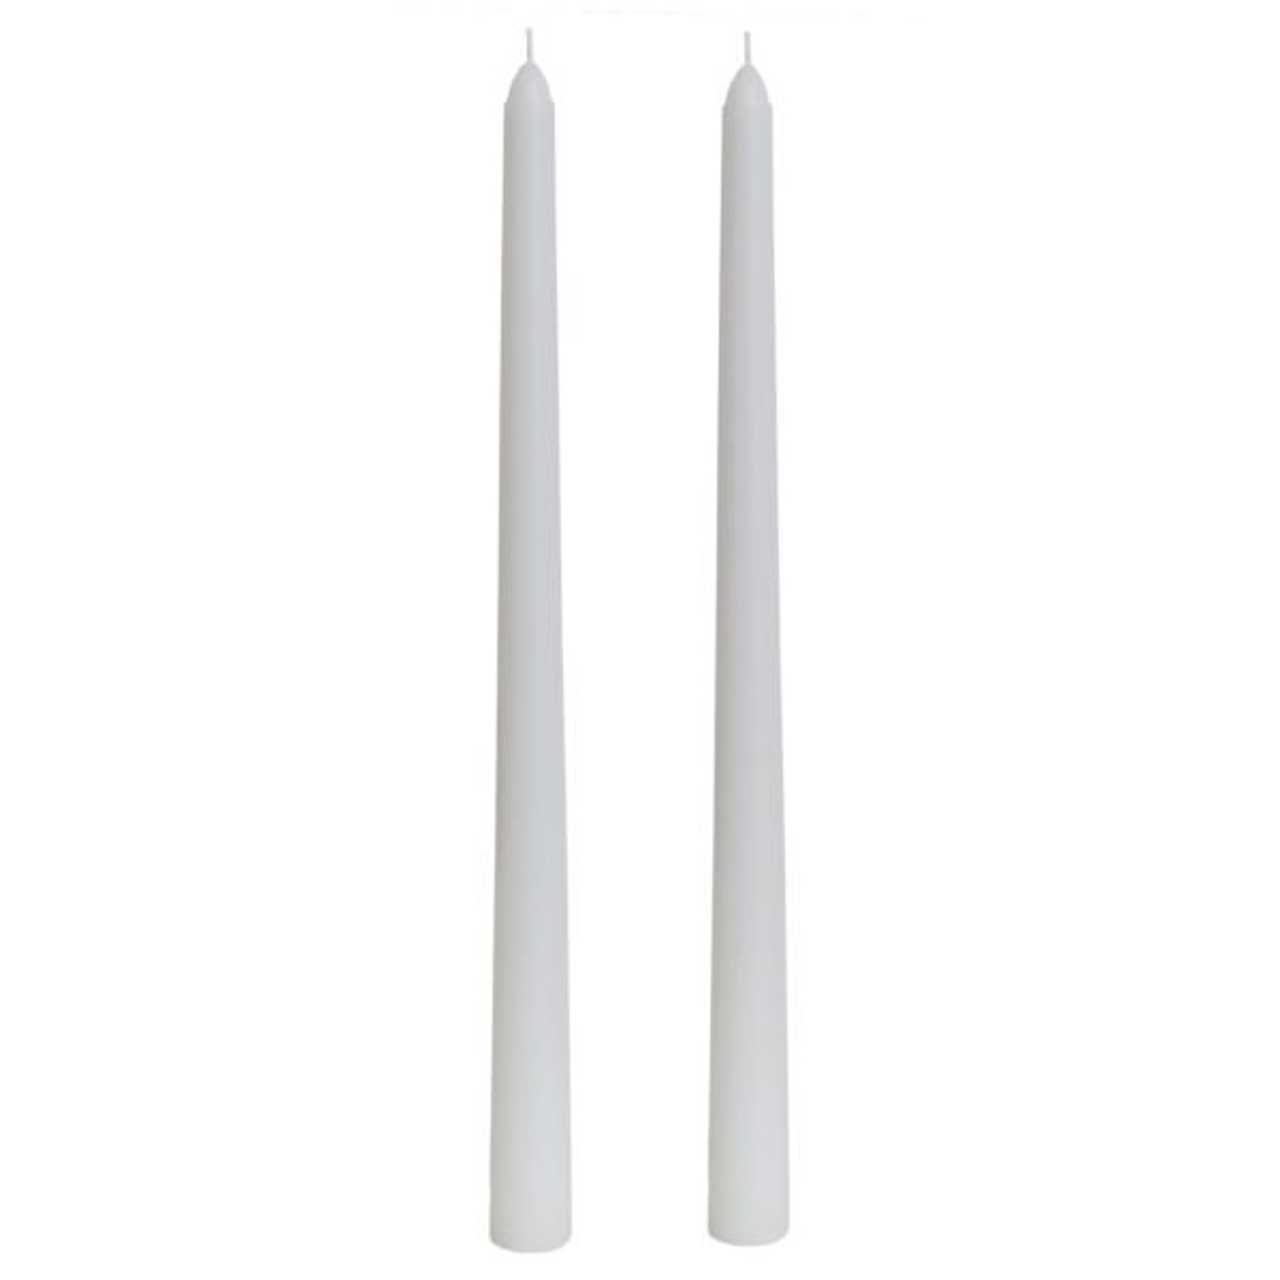 شمع مینا مدل Delight 11002W01 بسته 2 عددی